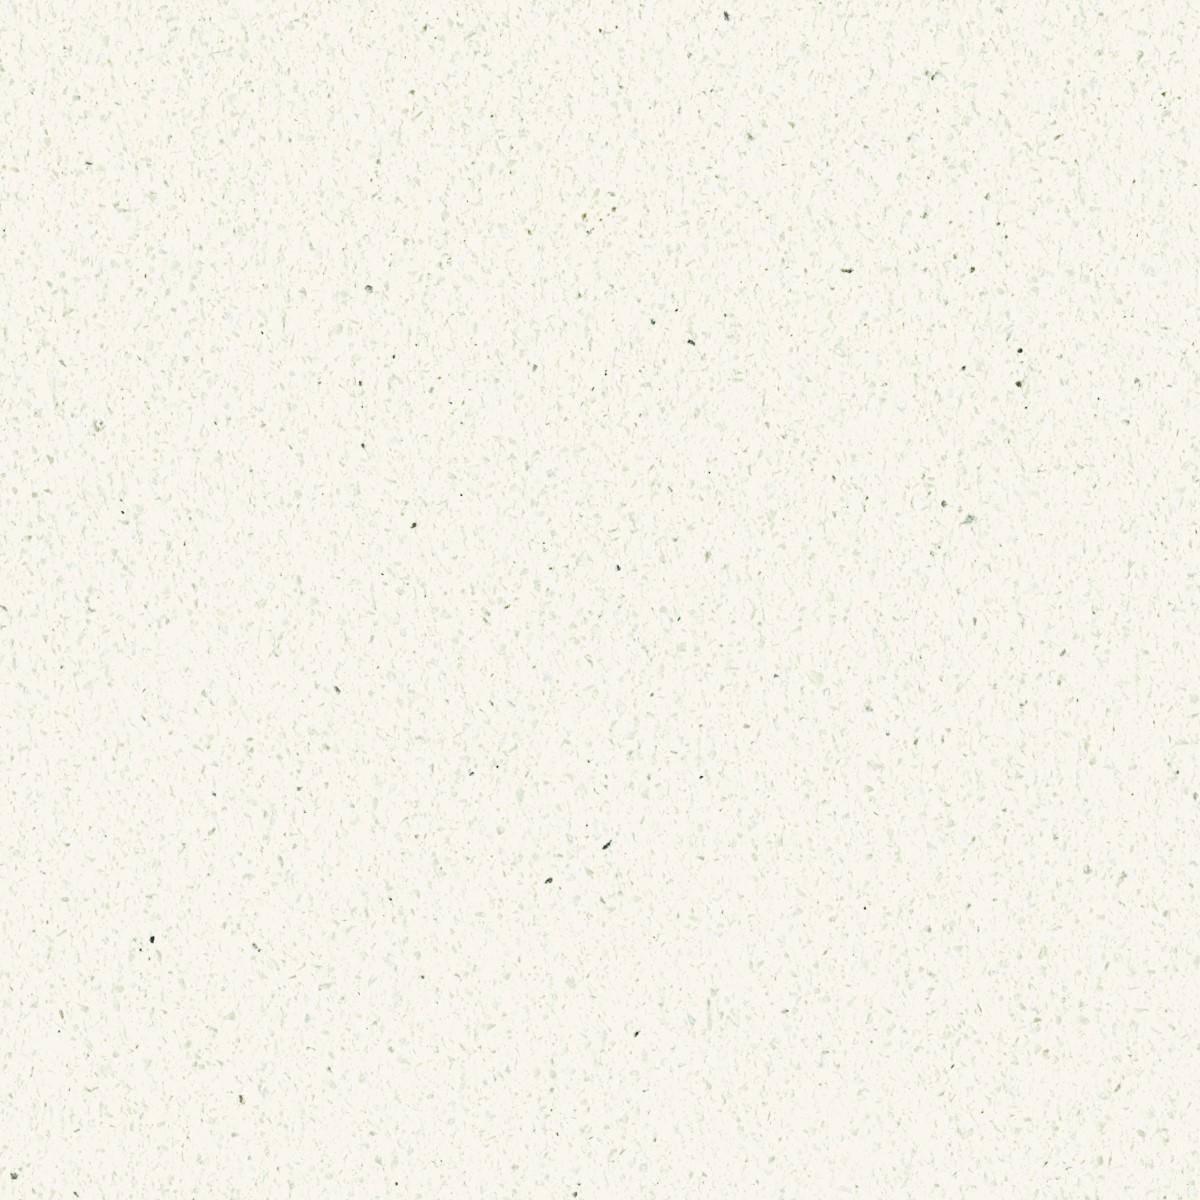 Yosima Lehmedelputz, Weiß 0, Grundfarbe,  Designputz von Claytec, alle Strukturen und Gebinde